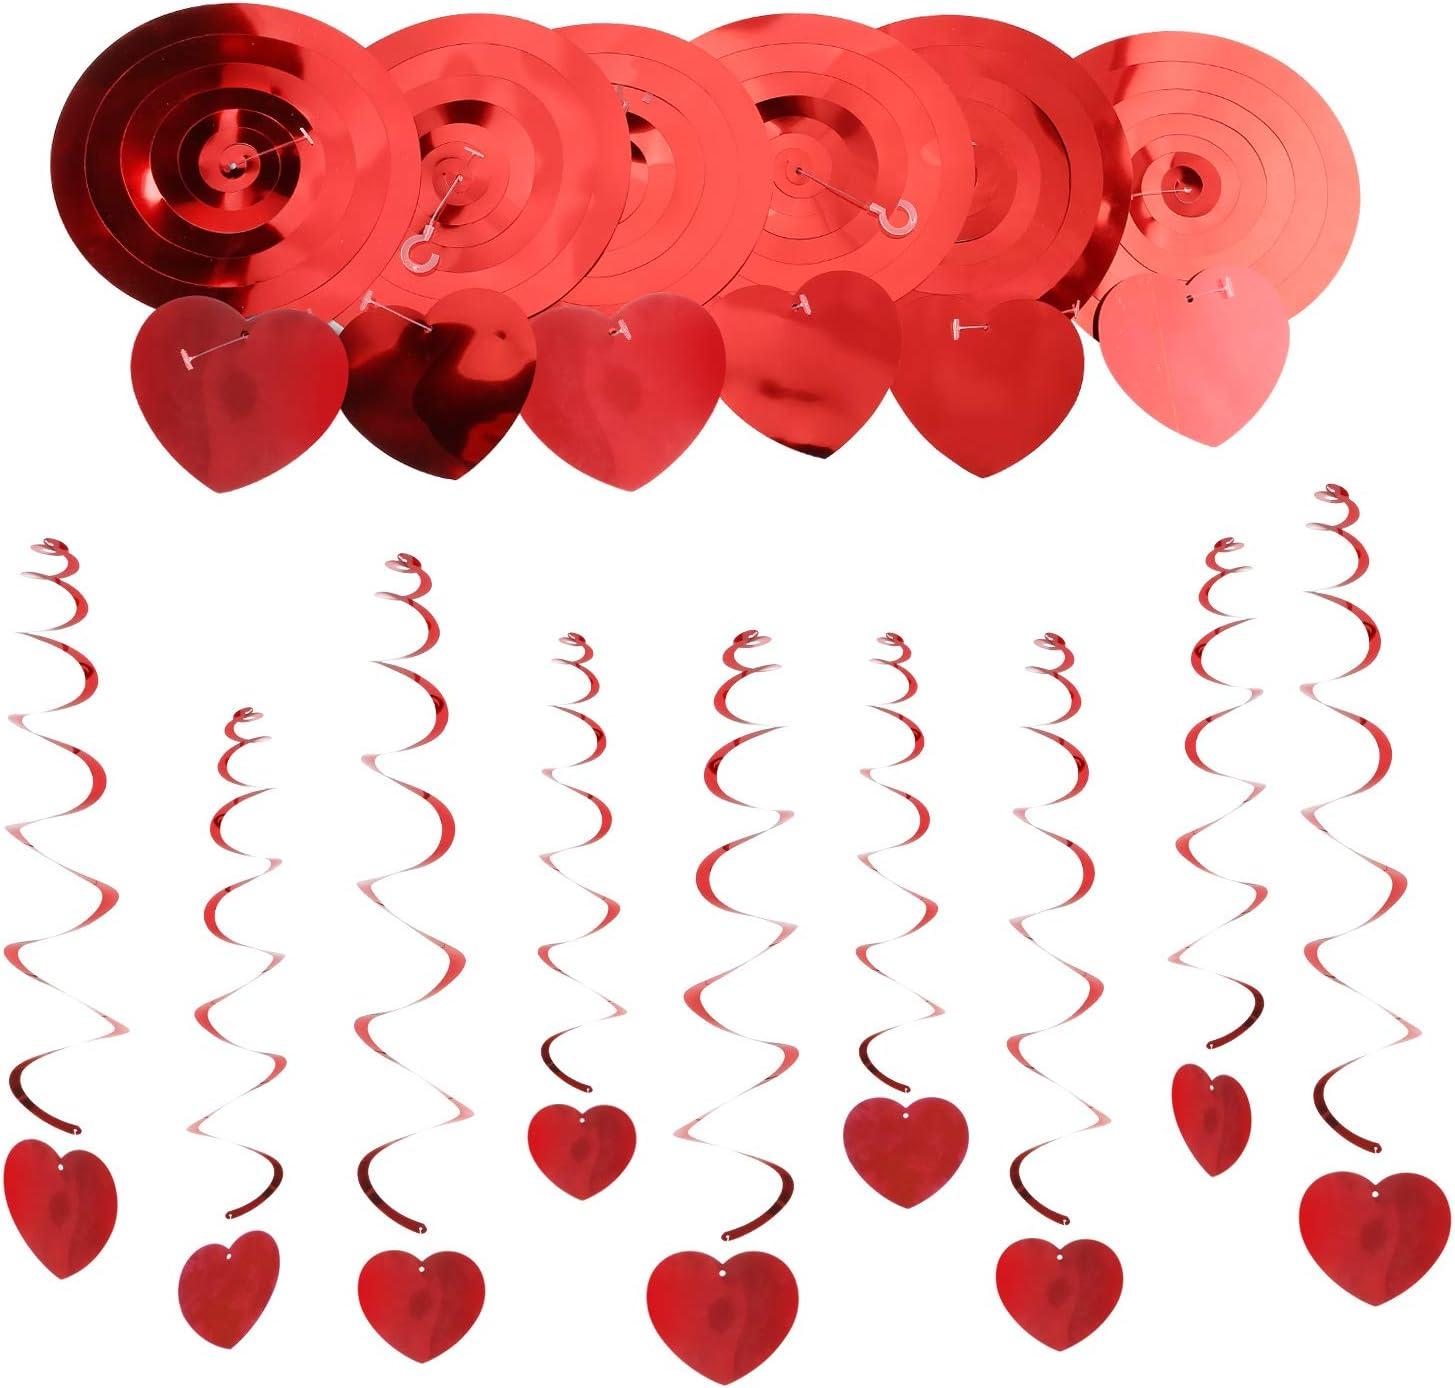 Howaf 30 Pi/èces Saint Valentin D/écoration Suspensions Rouge Coeur Guirlande Plafonds tourbillons pour Mariage Fian/çailles Saint Valentin D/écoration